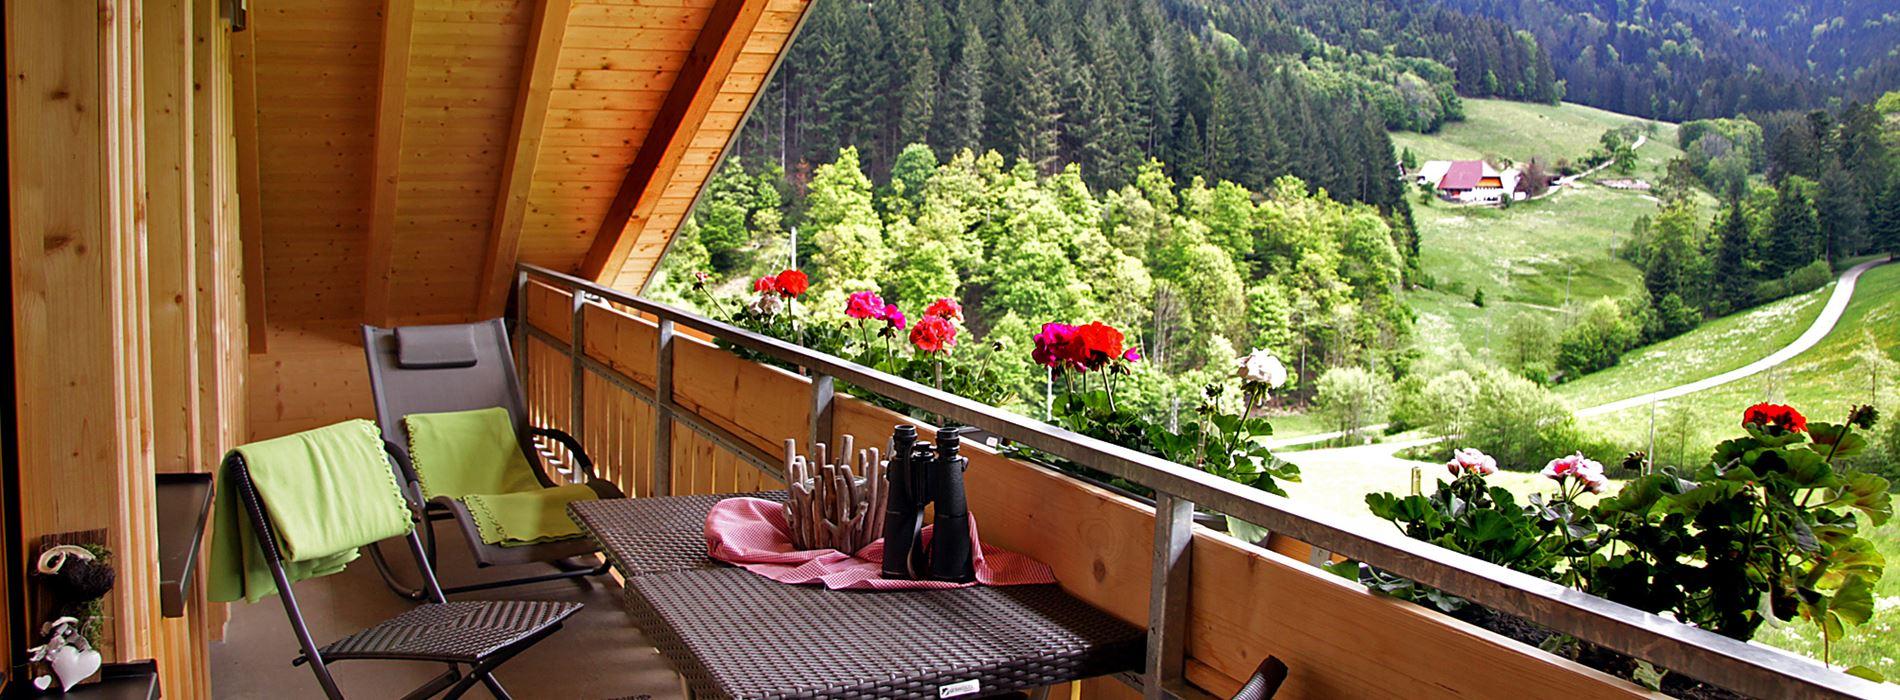 Balkon der Ferienwohnung mit Liegestuhl Sessel und Tisch, Geranien und Blick auf Bauernhof